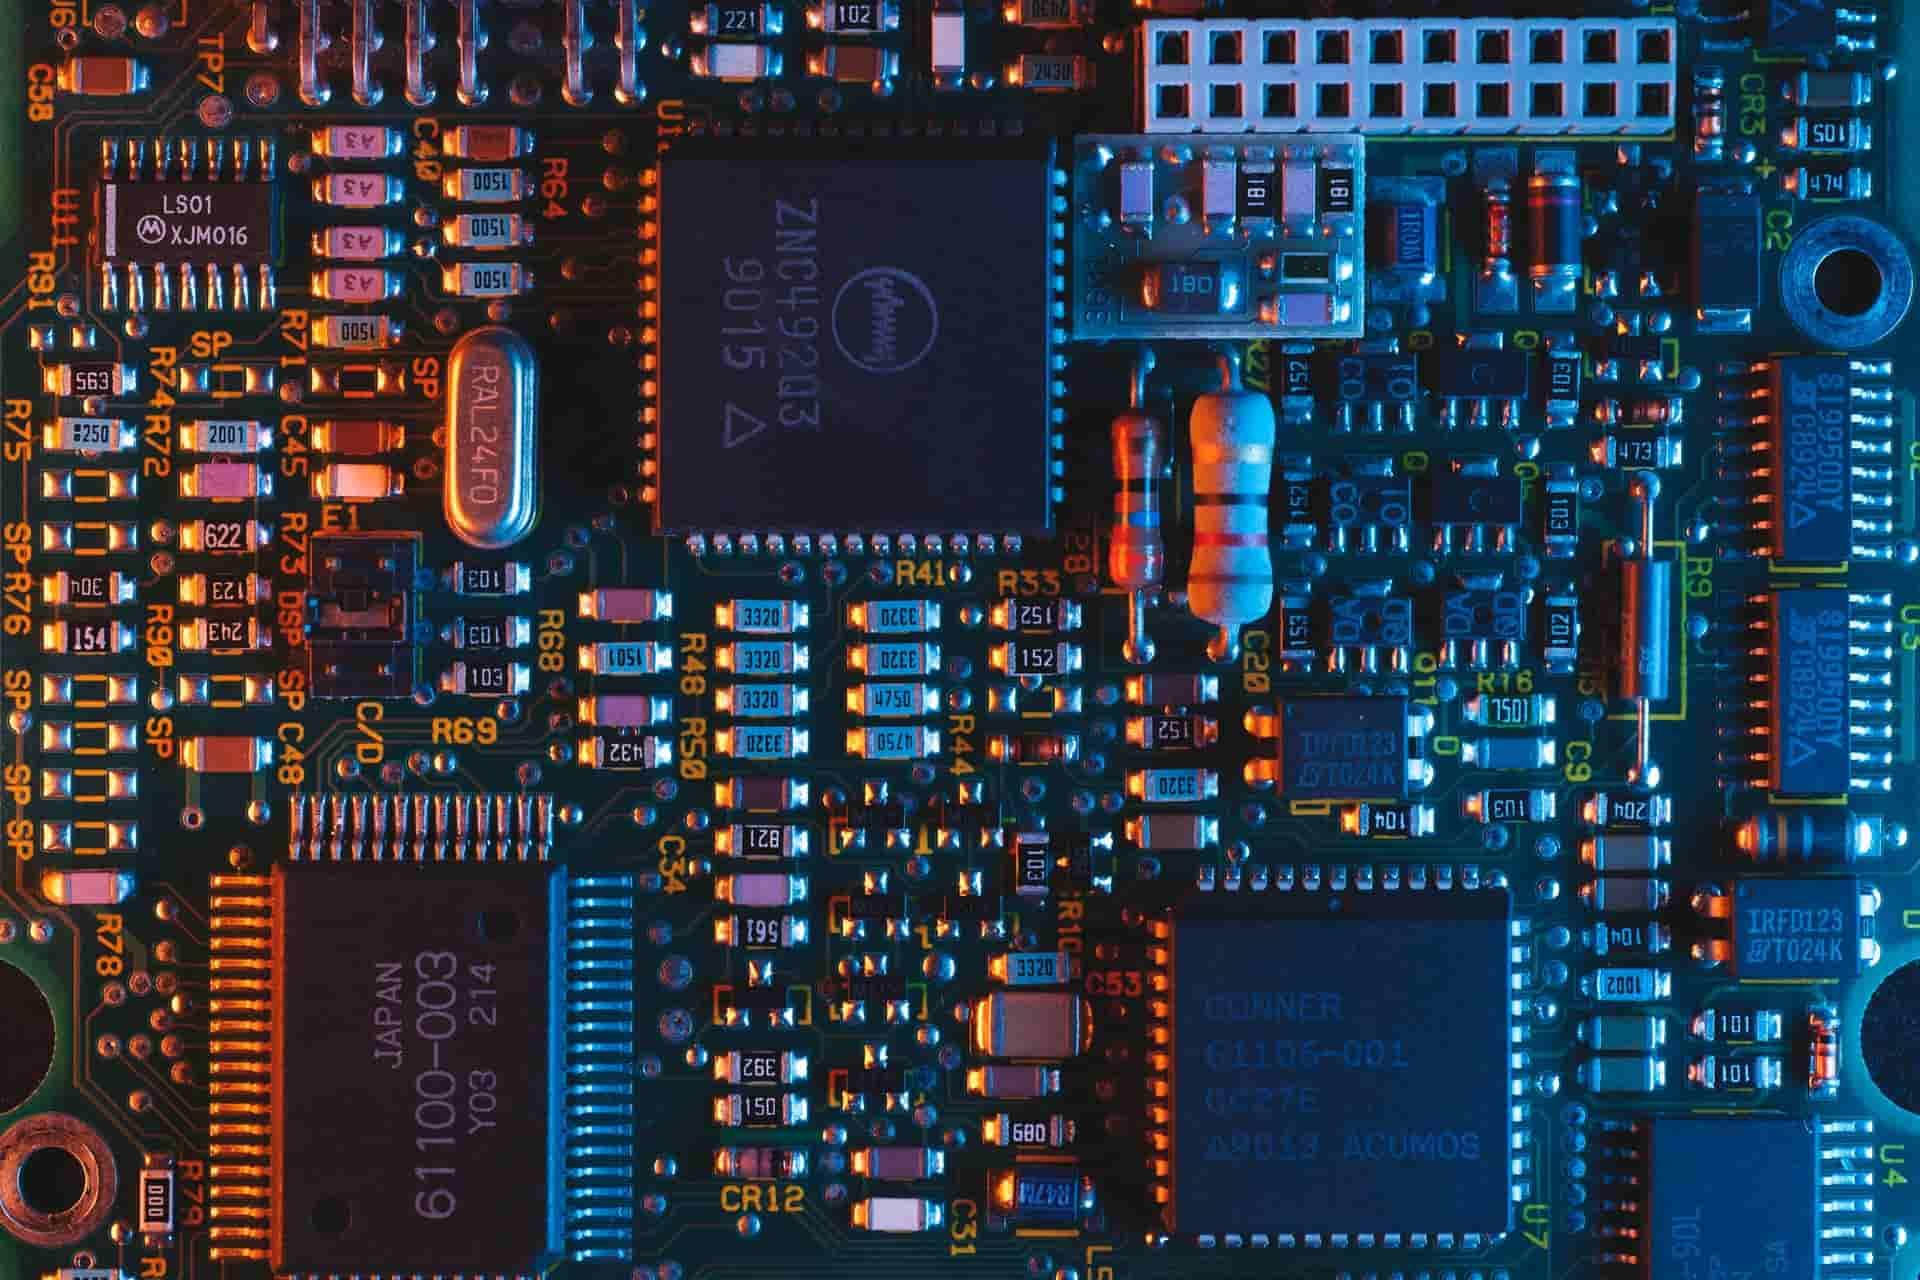 Bitmain revela que uno de sus proveedores aumentó costo de los componentes ¿Subirá precio del hardware minero?